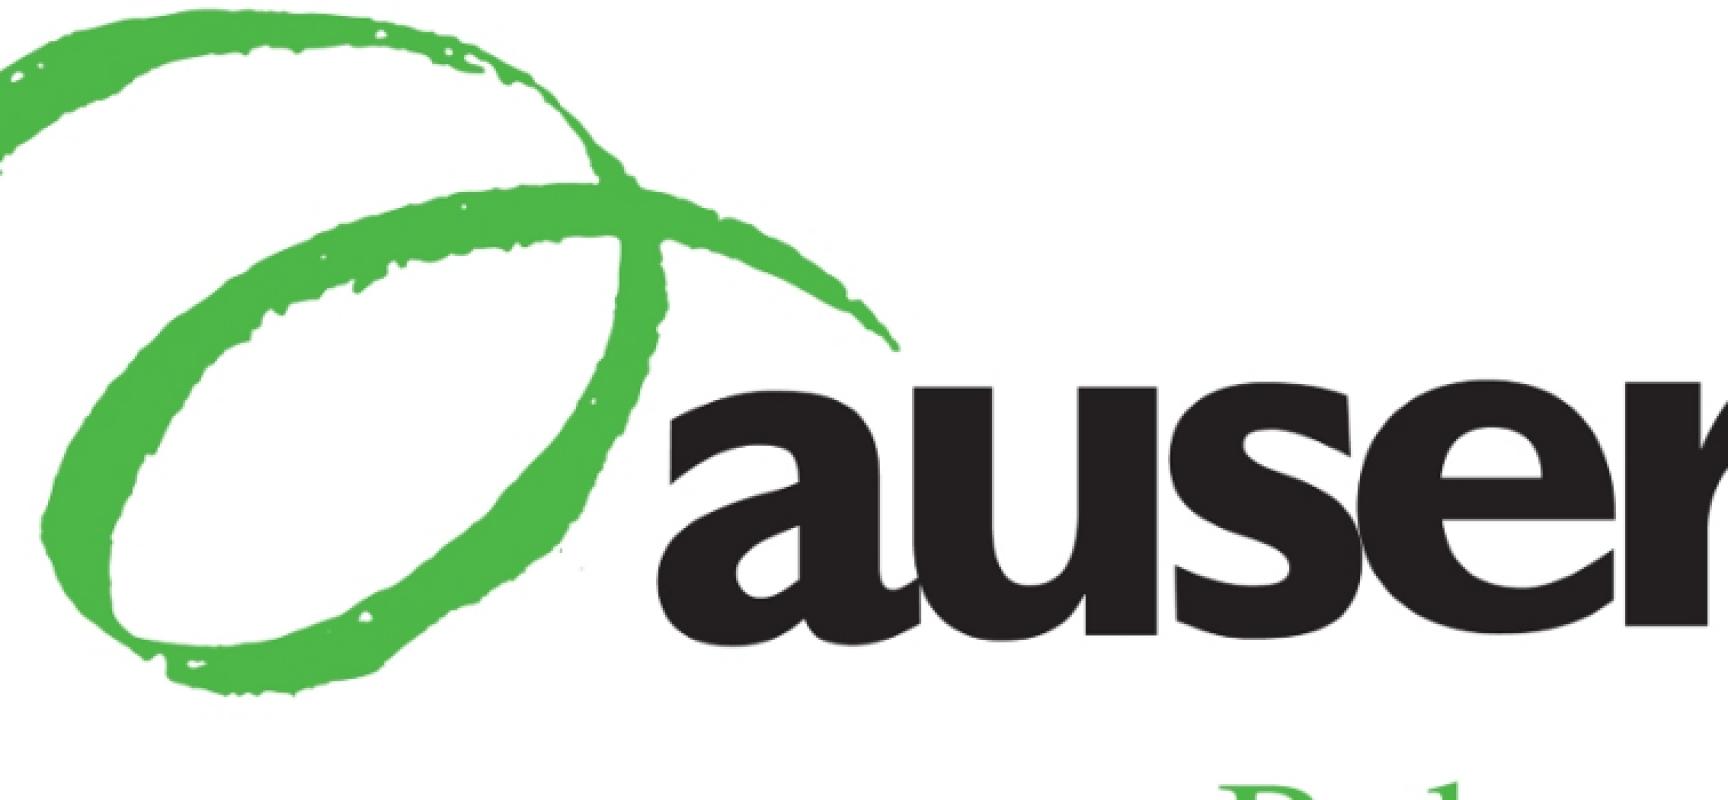 Controlli gratuiti della pressione arteriosa e consulto medico, incontro domani all'Auser